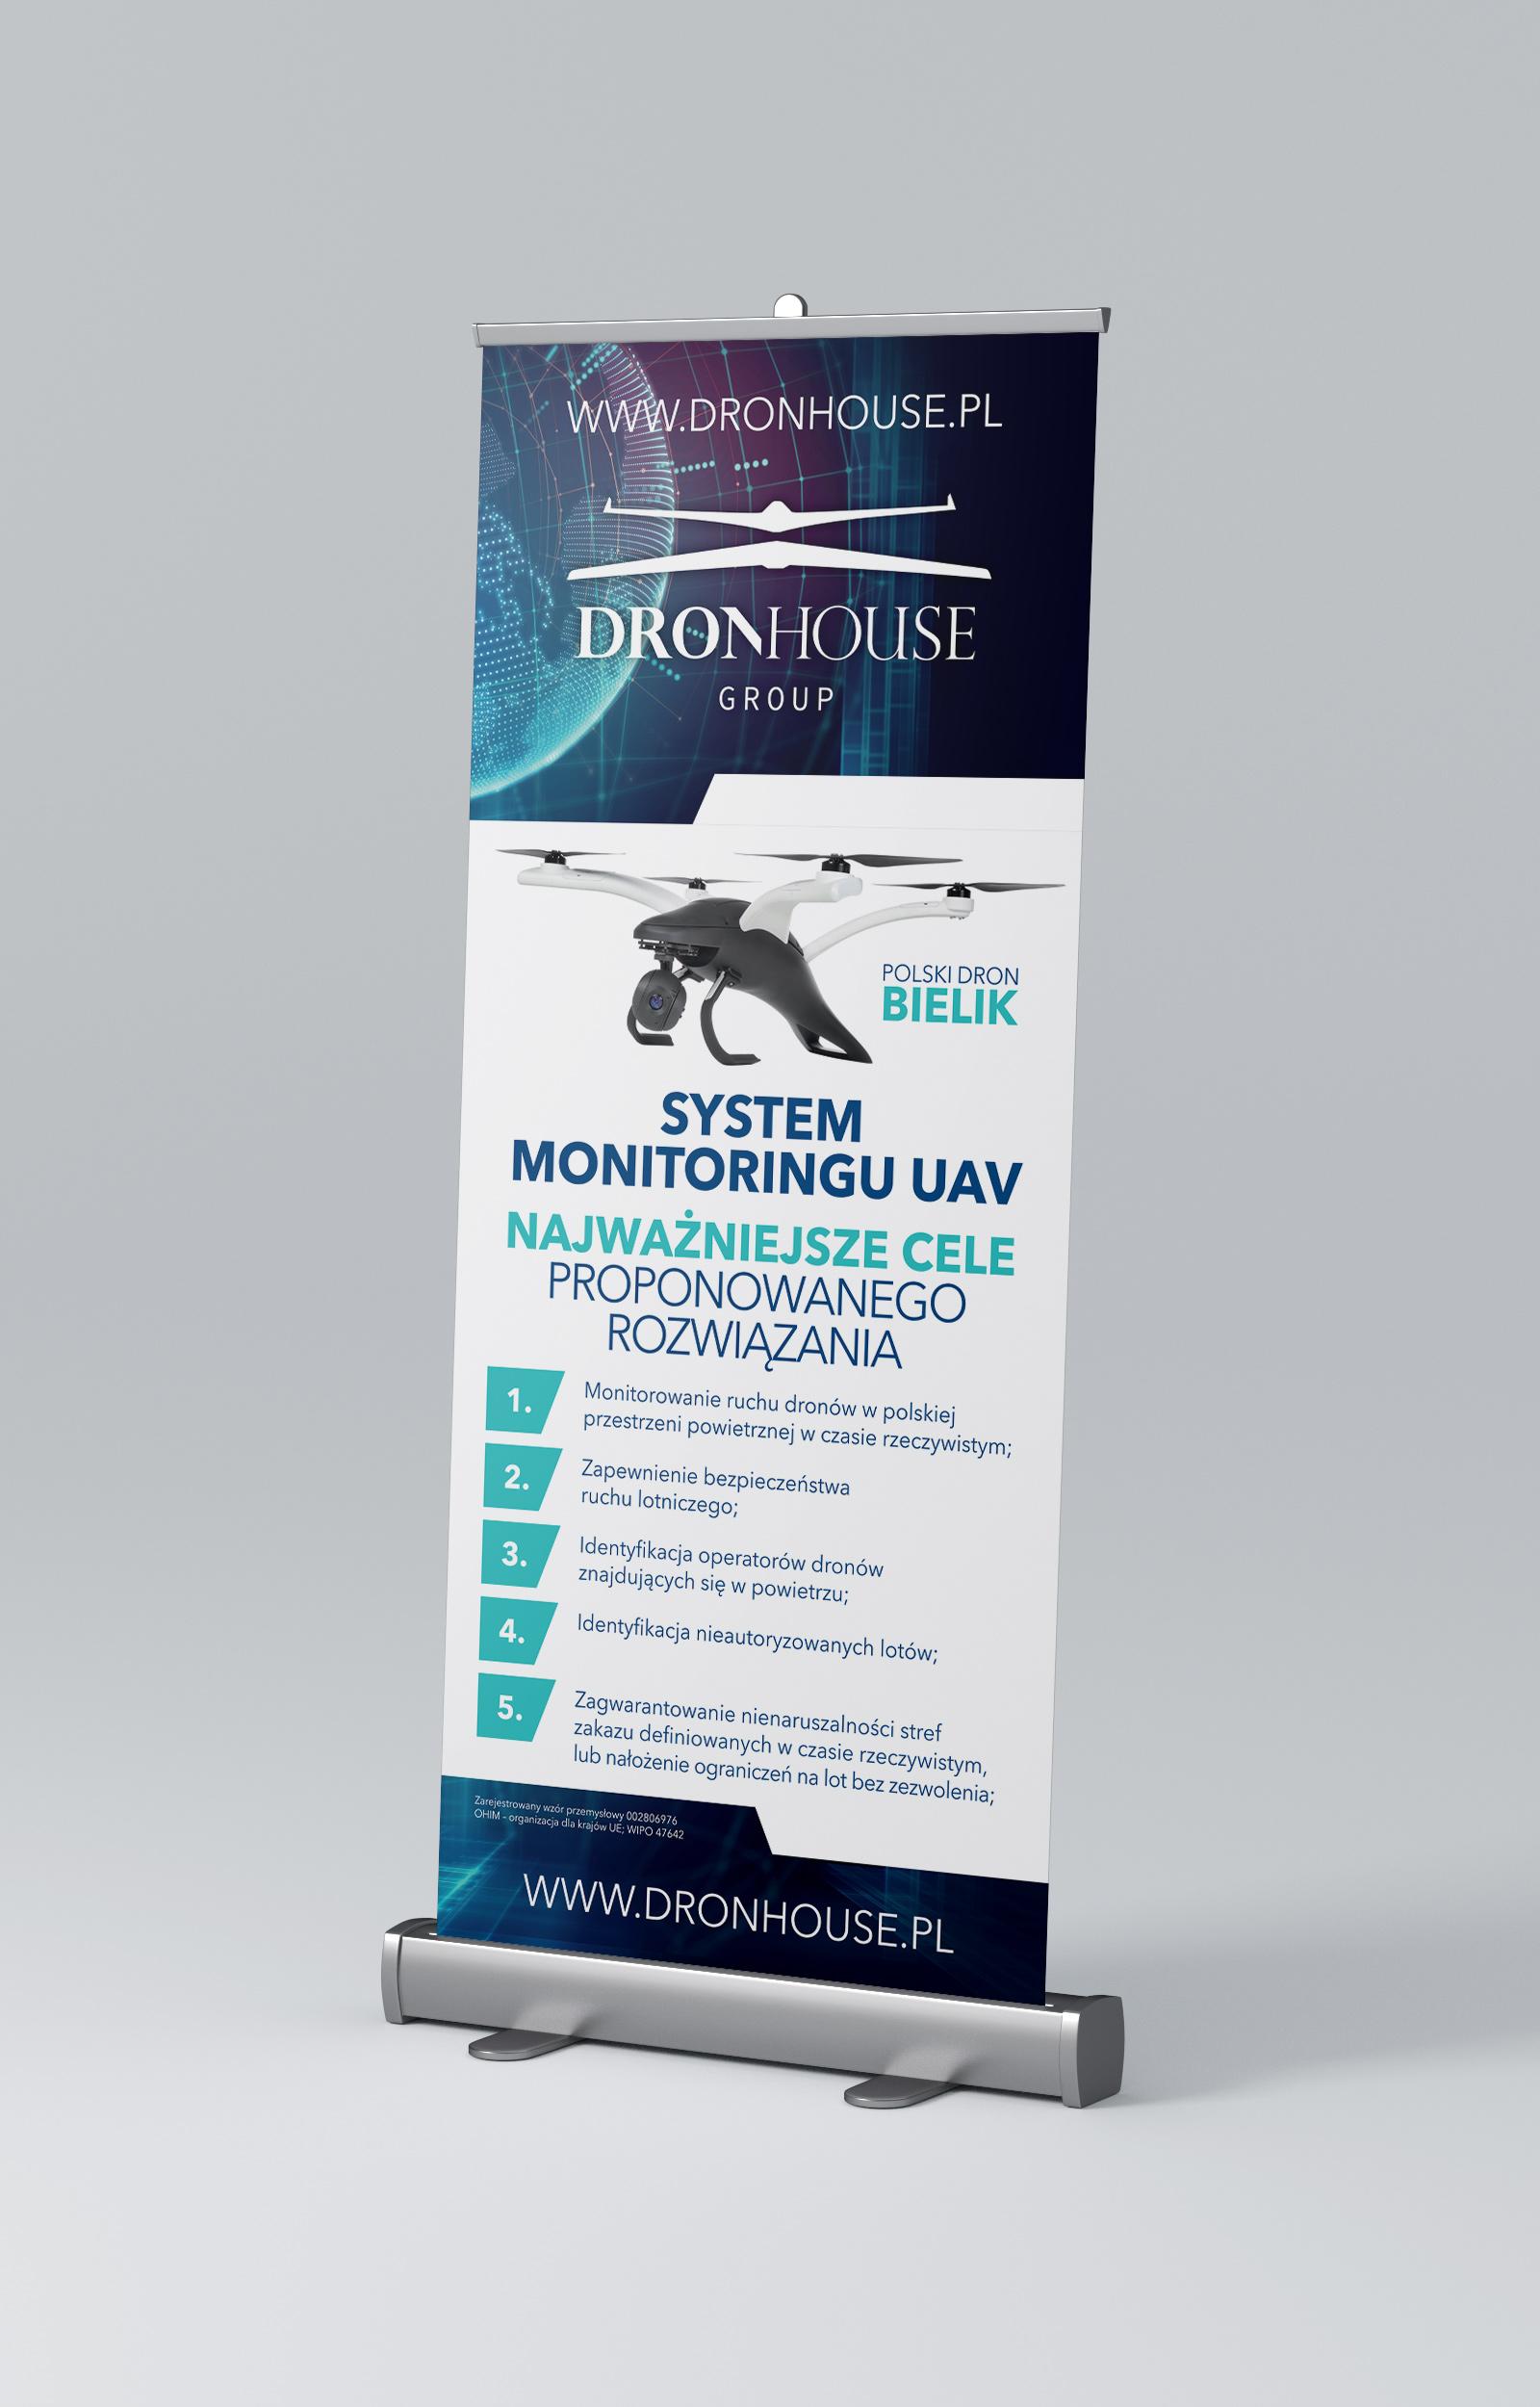 System Monitoringu UAV - roll-up